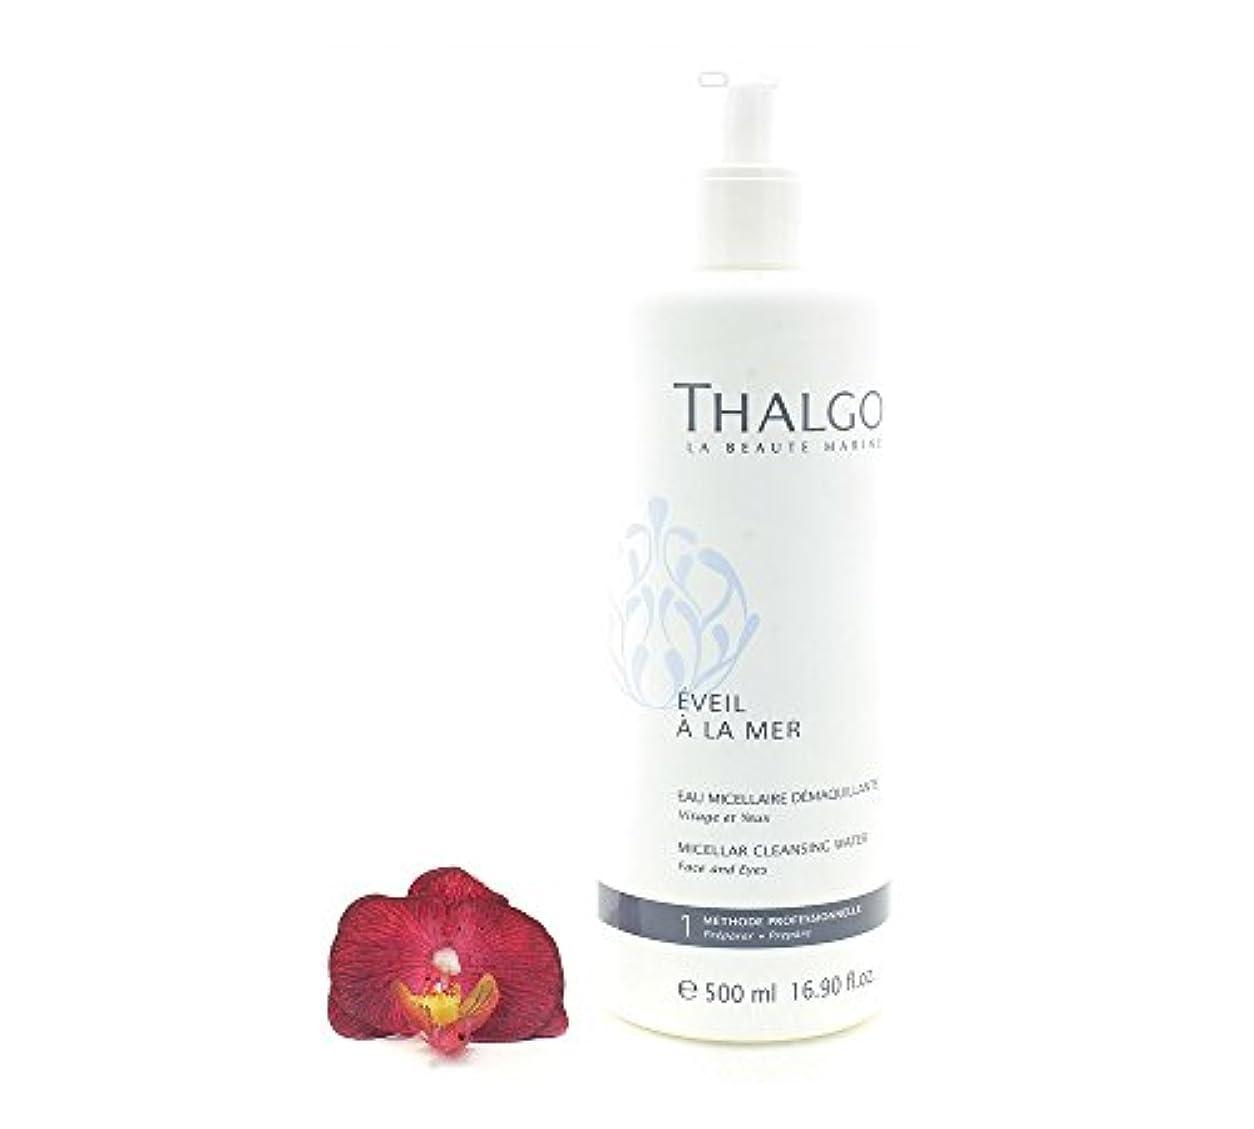 ステンレスますます悪因子タルゴ Eveil A La Mer Micellar Cleansing Water (Face & Eyes) - For All Skin Types, Even Sensitive Skin (Salon Size...